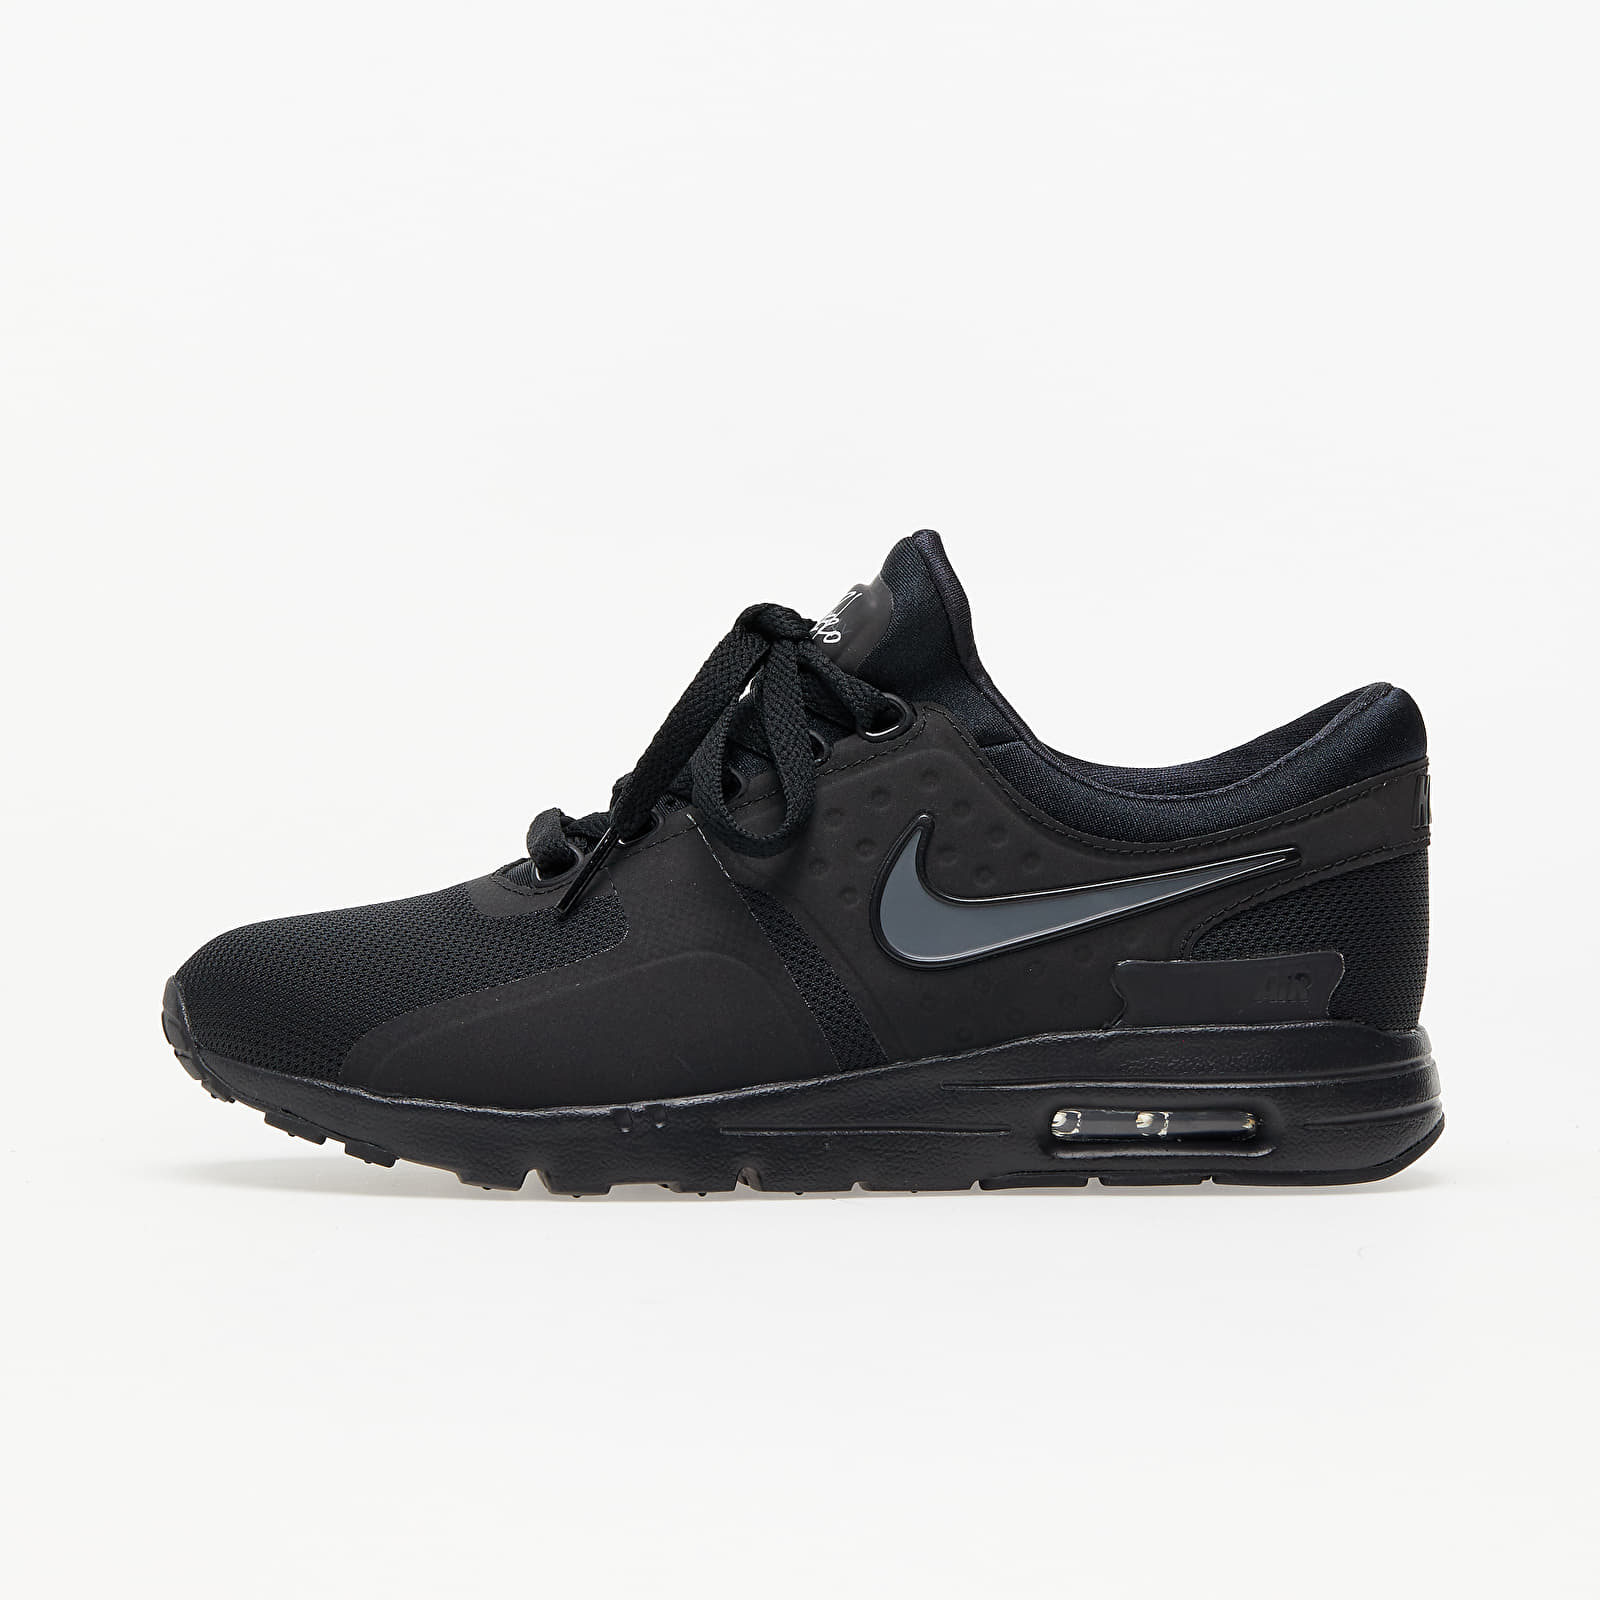 Γυναικεία παπούτσια Nike W Air Max Zero Black/ Black-Dark Grey-White